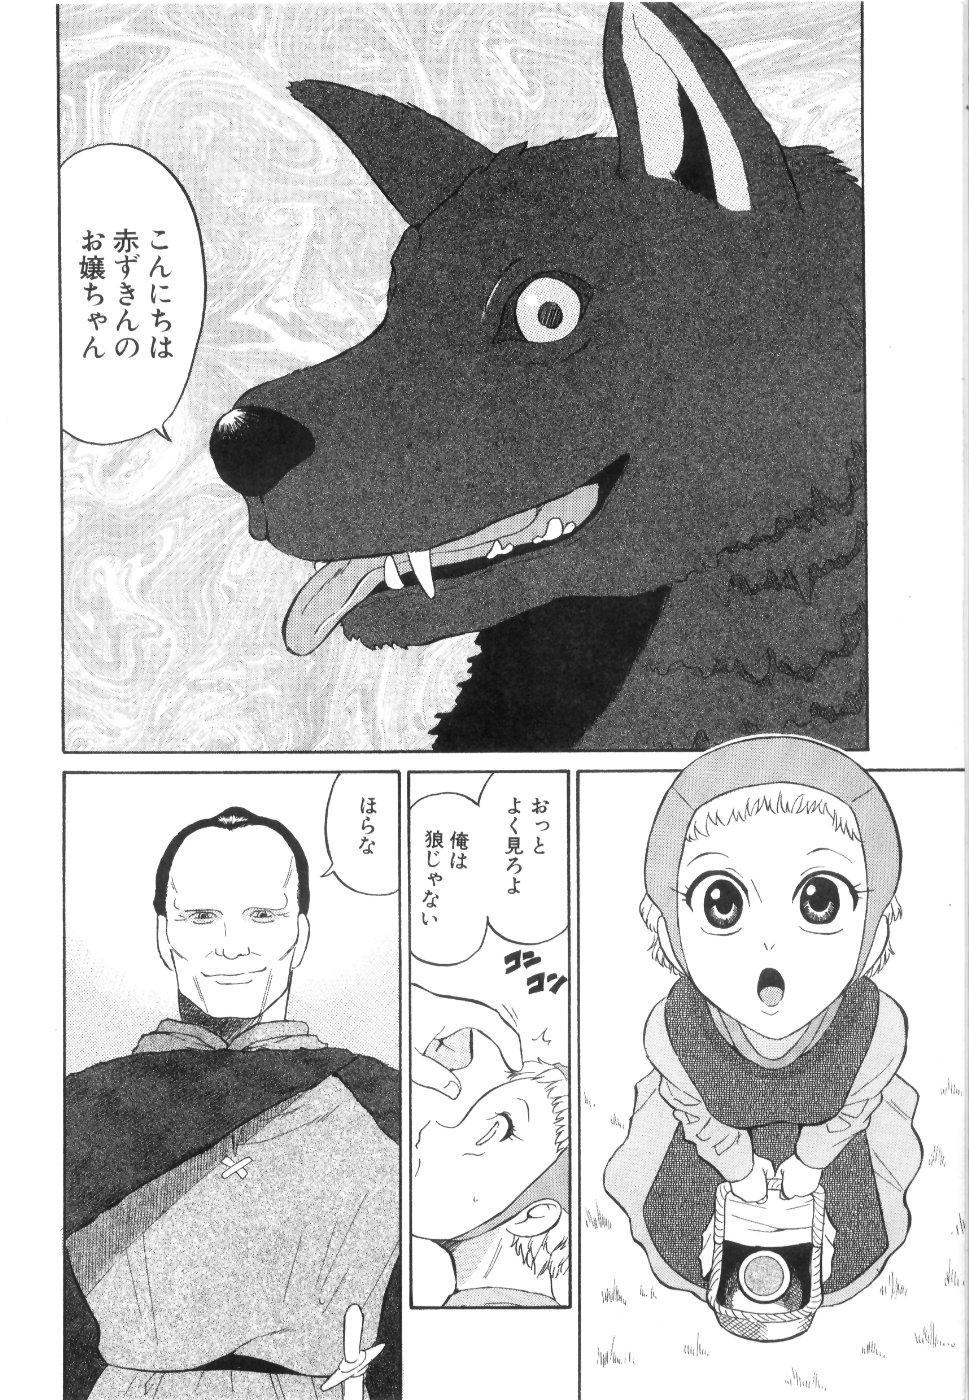 [Dozamura] Doguu -Dozamura Guuwa- Kuro 10